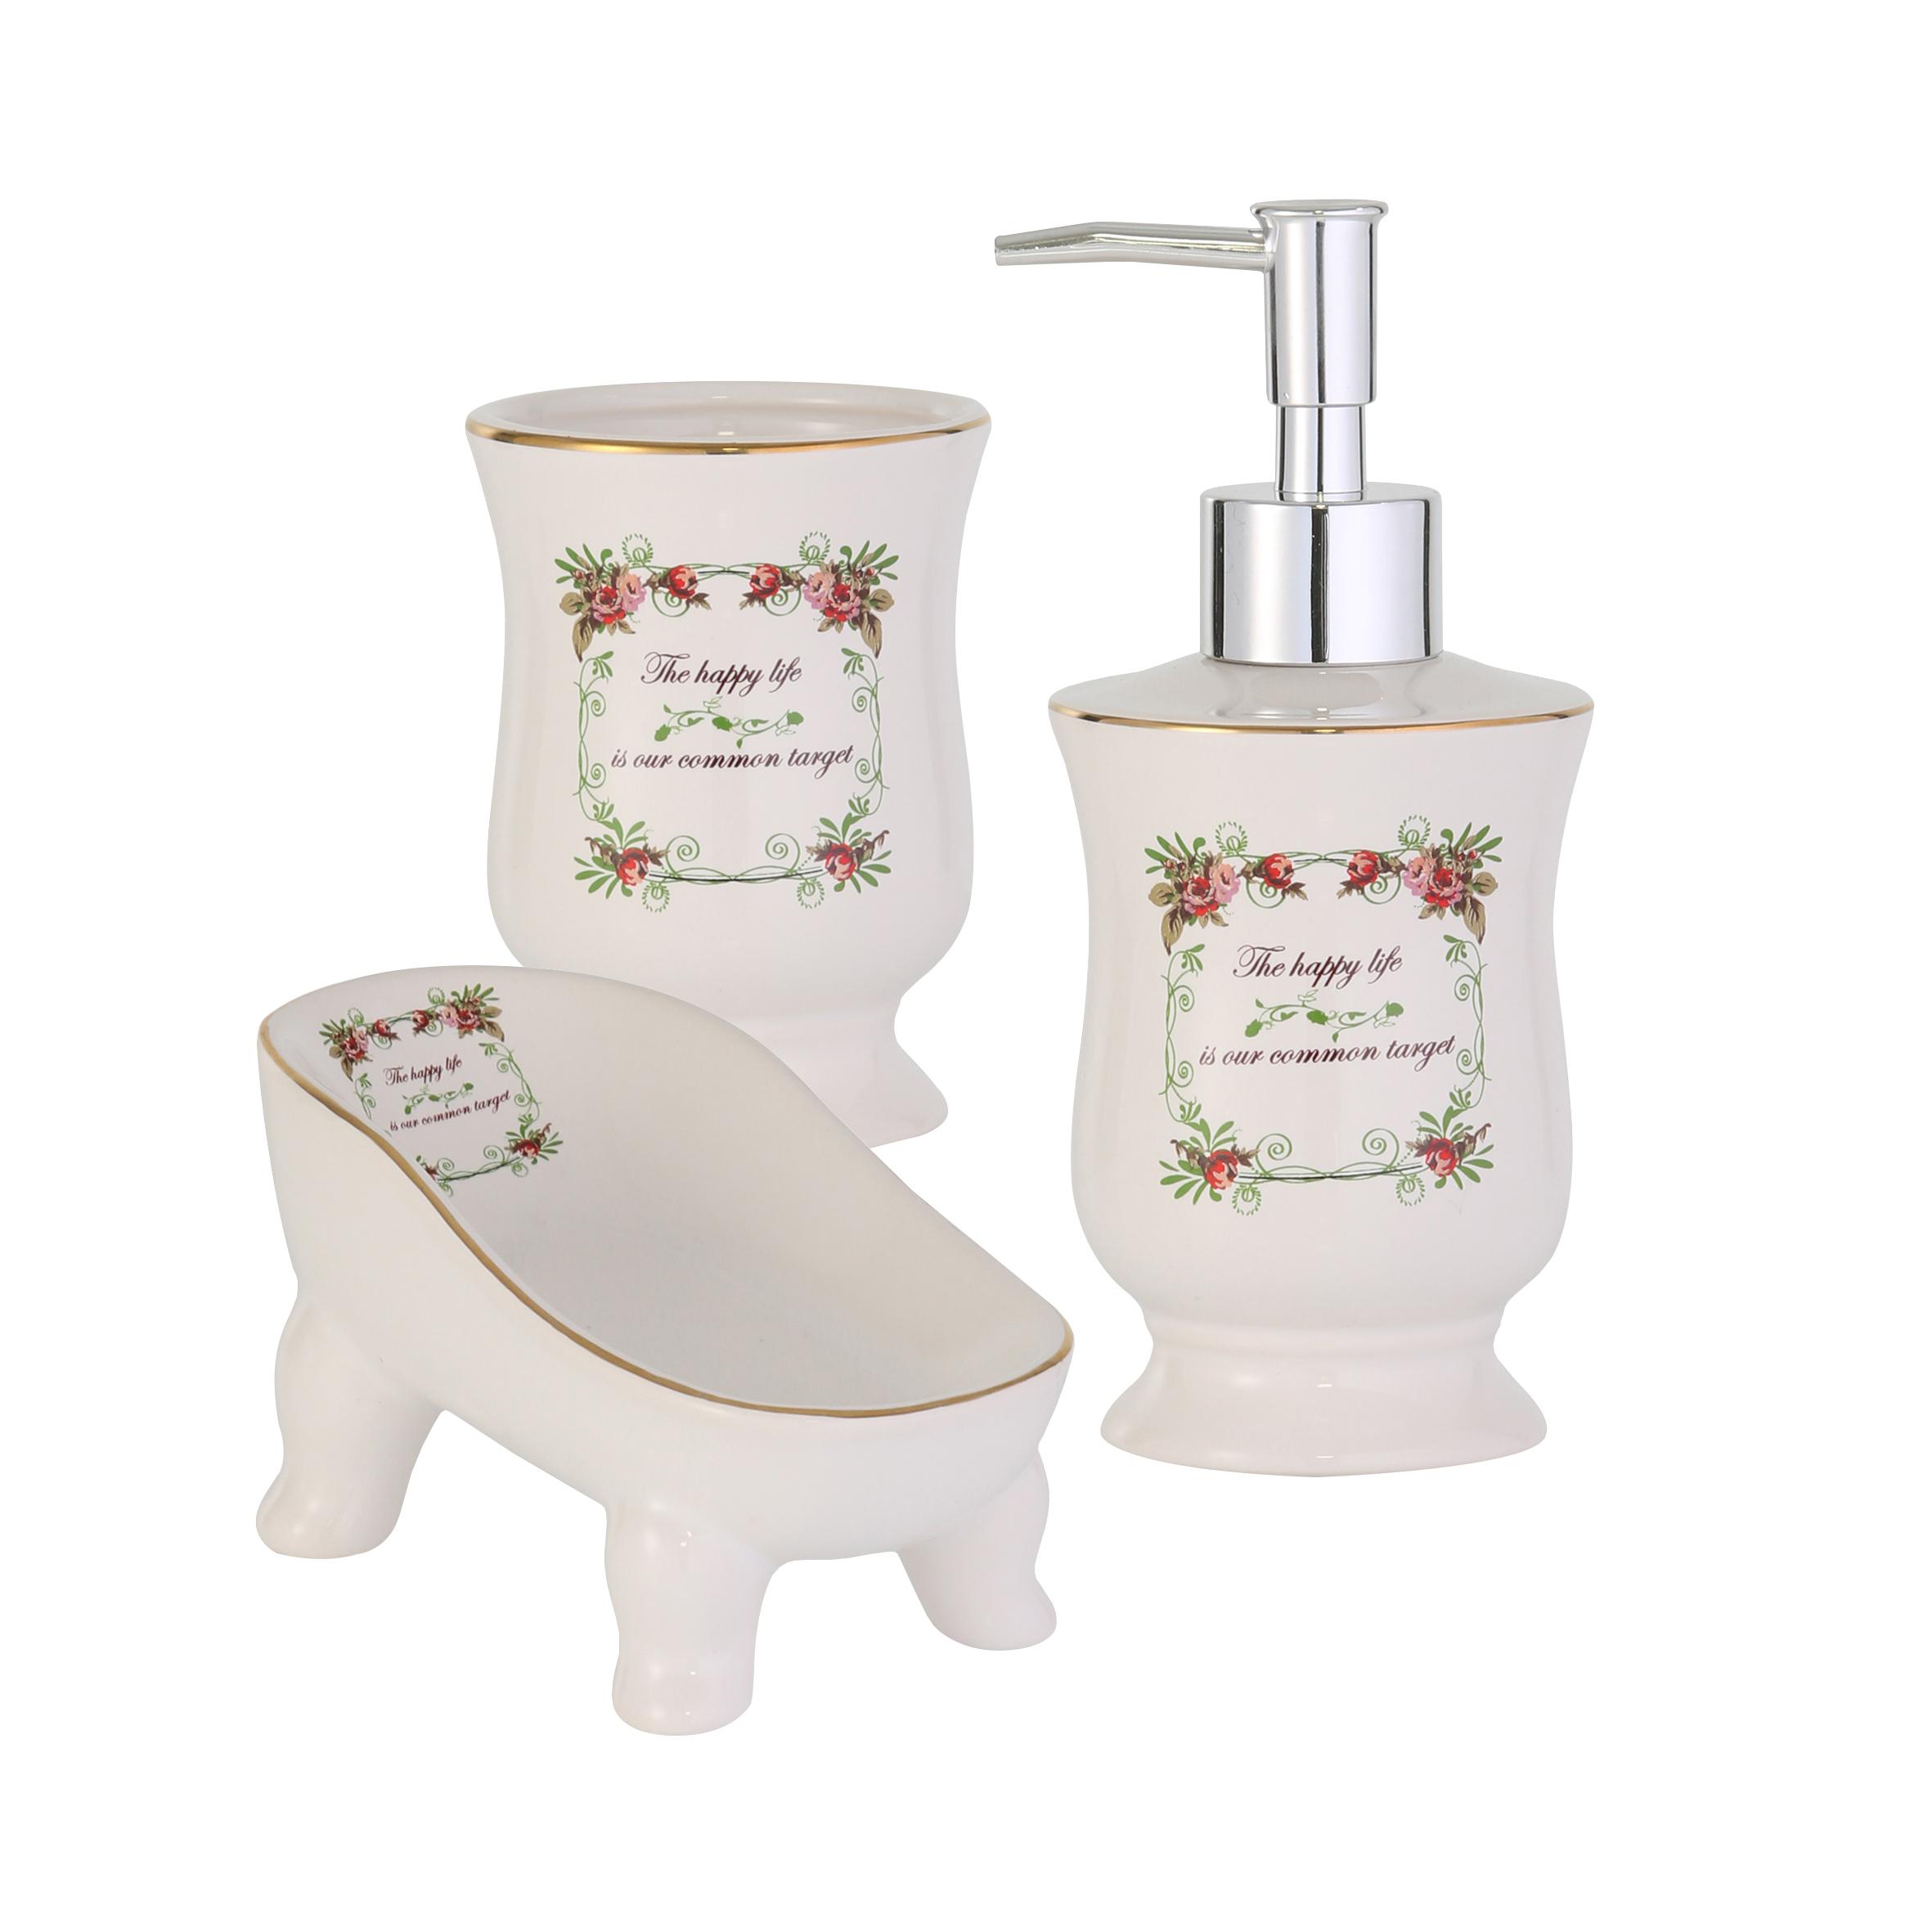 Набор для ванной комнаты Axentia, 3 предмета набор ковриков для ванной и туалета axentia цвет коричневый 2 шт